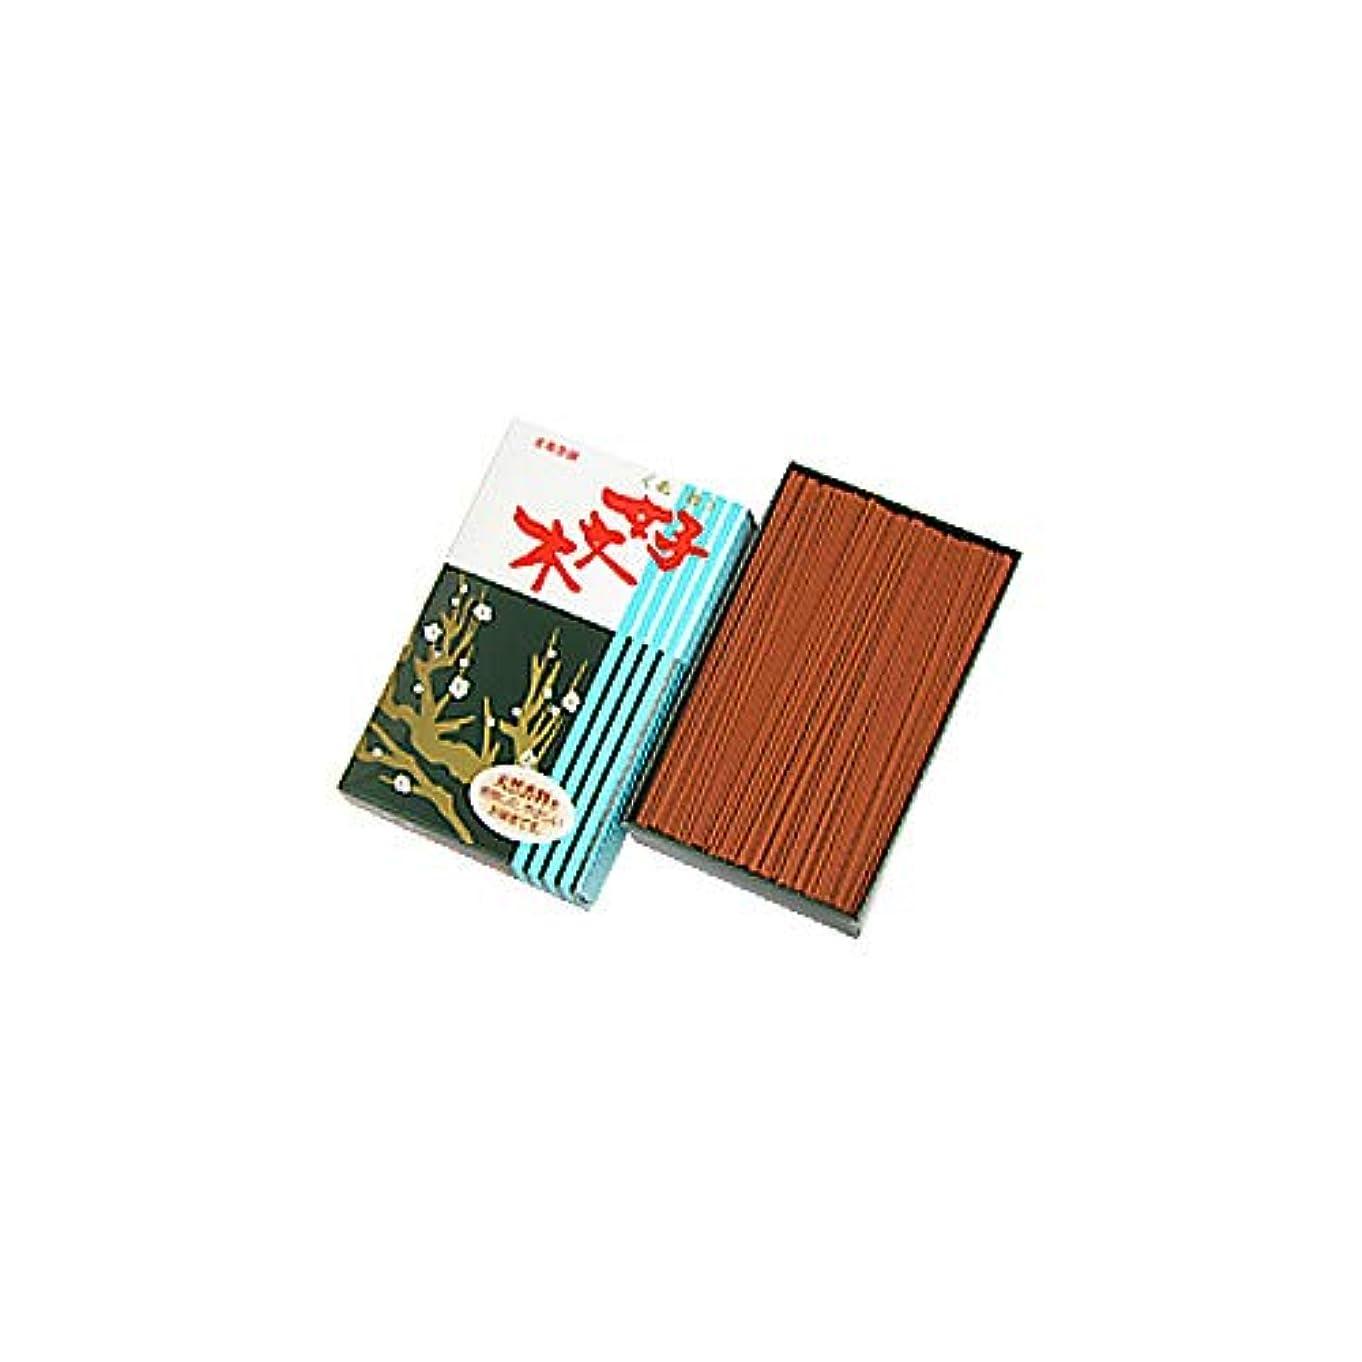 イソギンチャク膨らみ抱擁家庭用線香 好文木 お徳用大型バラ詰(箱寸法15×9.5×4cm)◆さわやかな白檀の香りのお線香(梅栄堂)